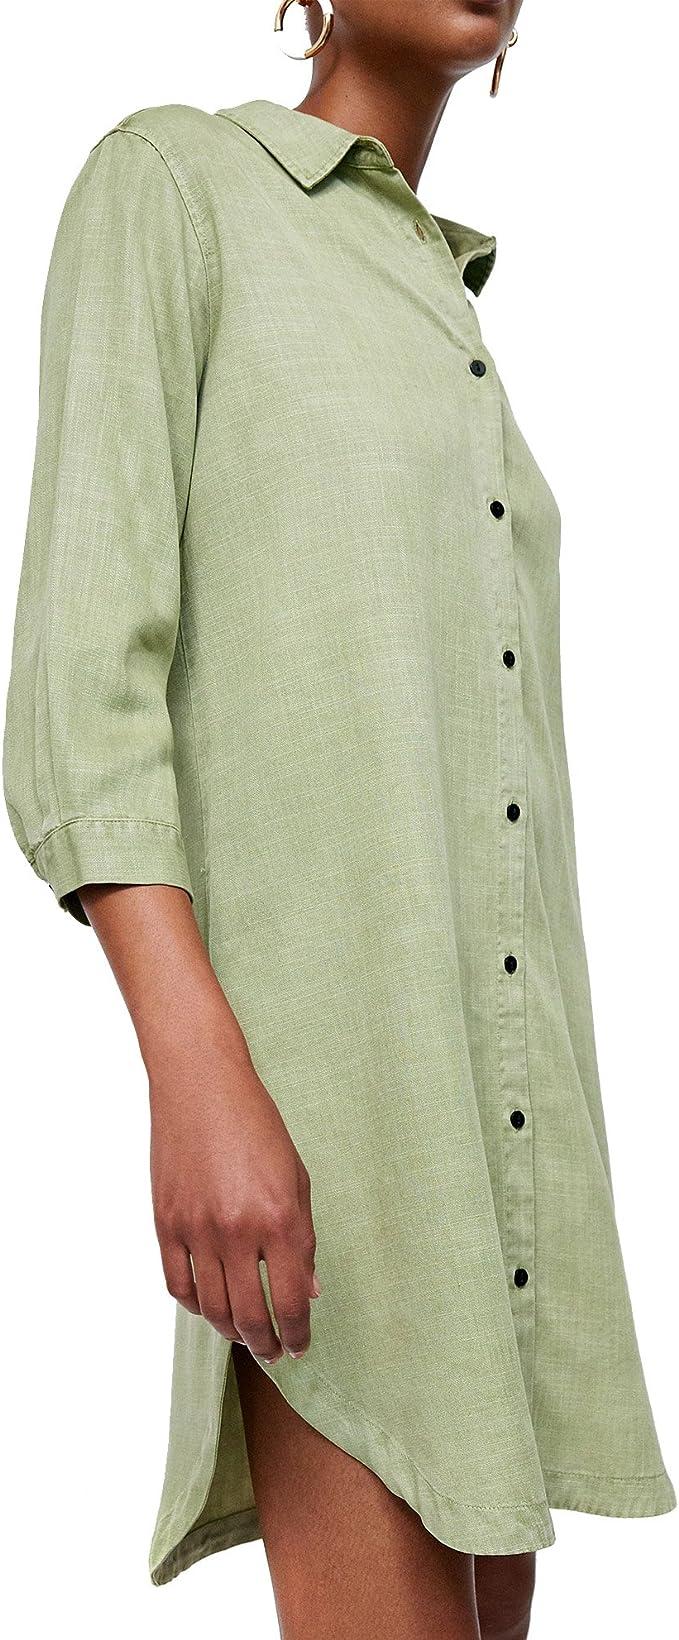 Zara - Camisas - para Mujer Verde L: Amazon.es: Ropa